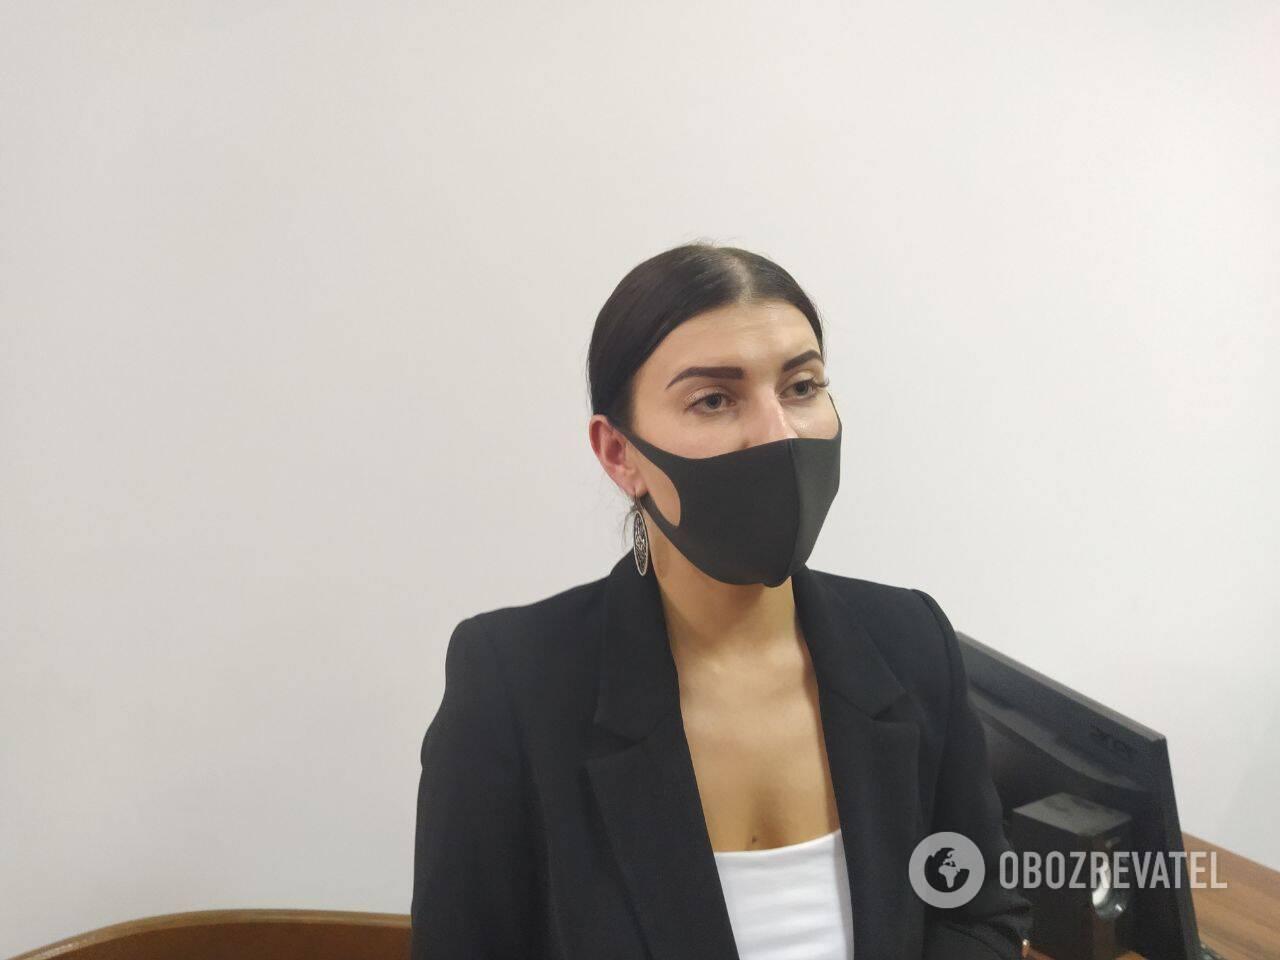 Суд арештував підозрюваного у скоєнні ДТП у Києві із чотирма загиблими Желепу. Прокурорка